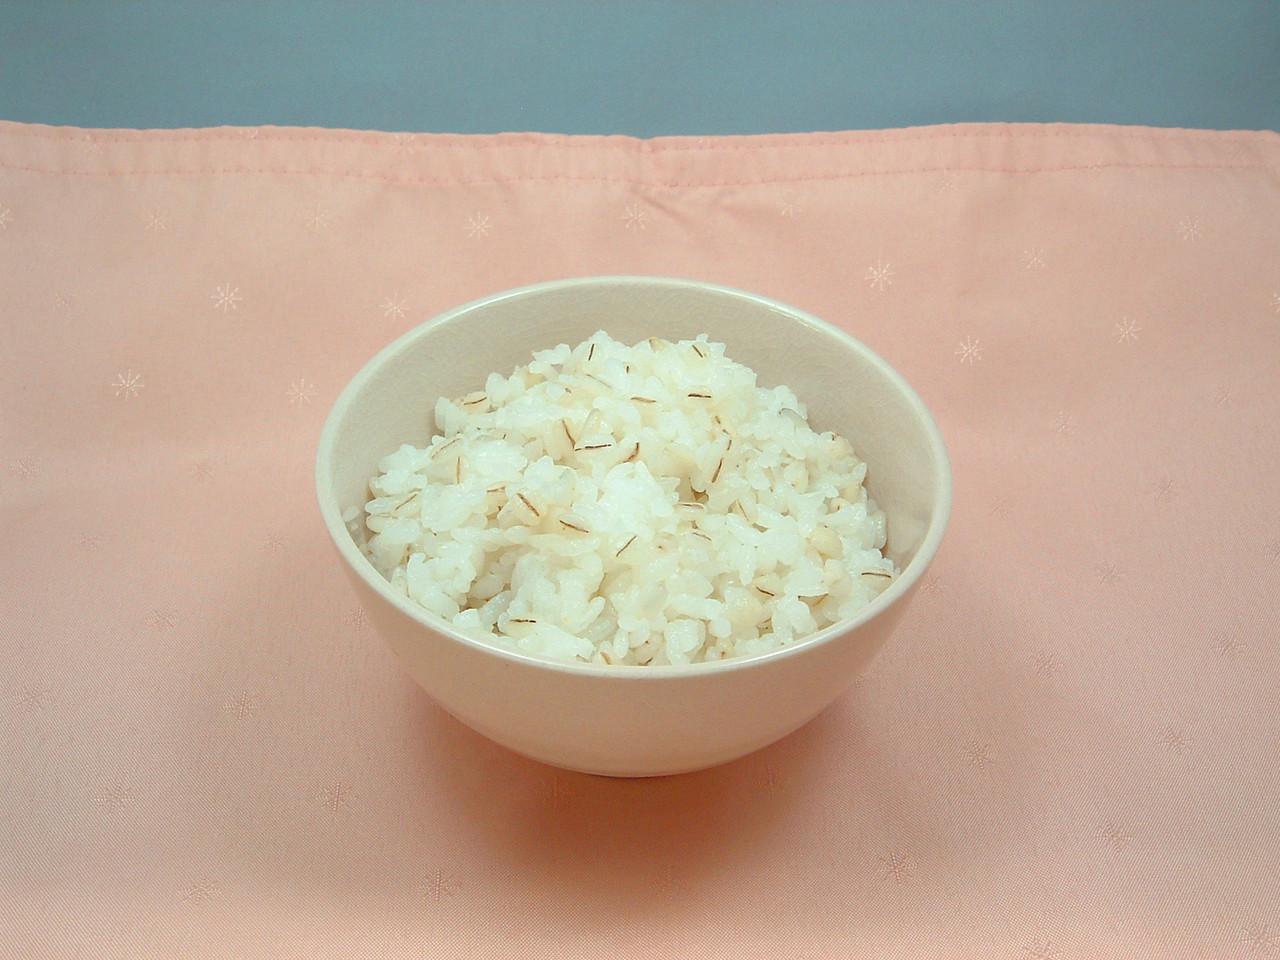 ご飯 効果 麦 もち麦ご飯、夜はダメな意外過ぎる理由とは!効果的な食べ方を伝授!